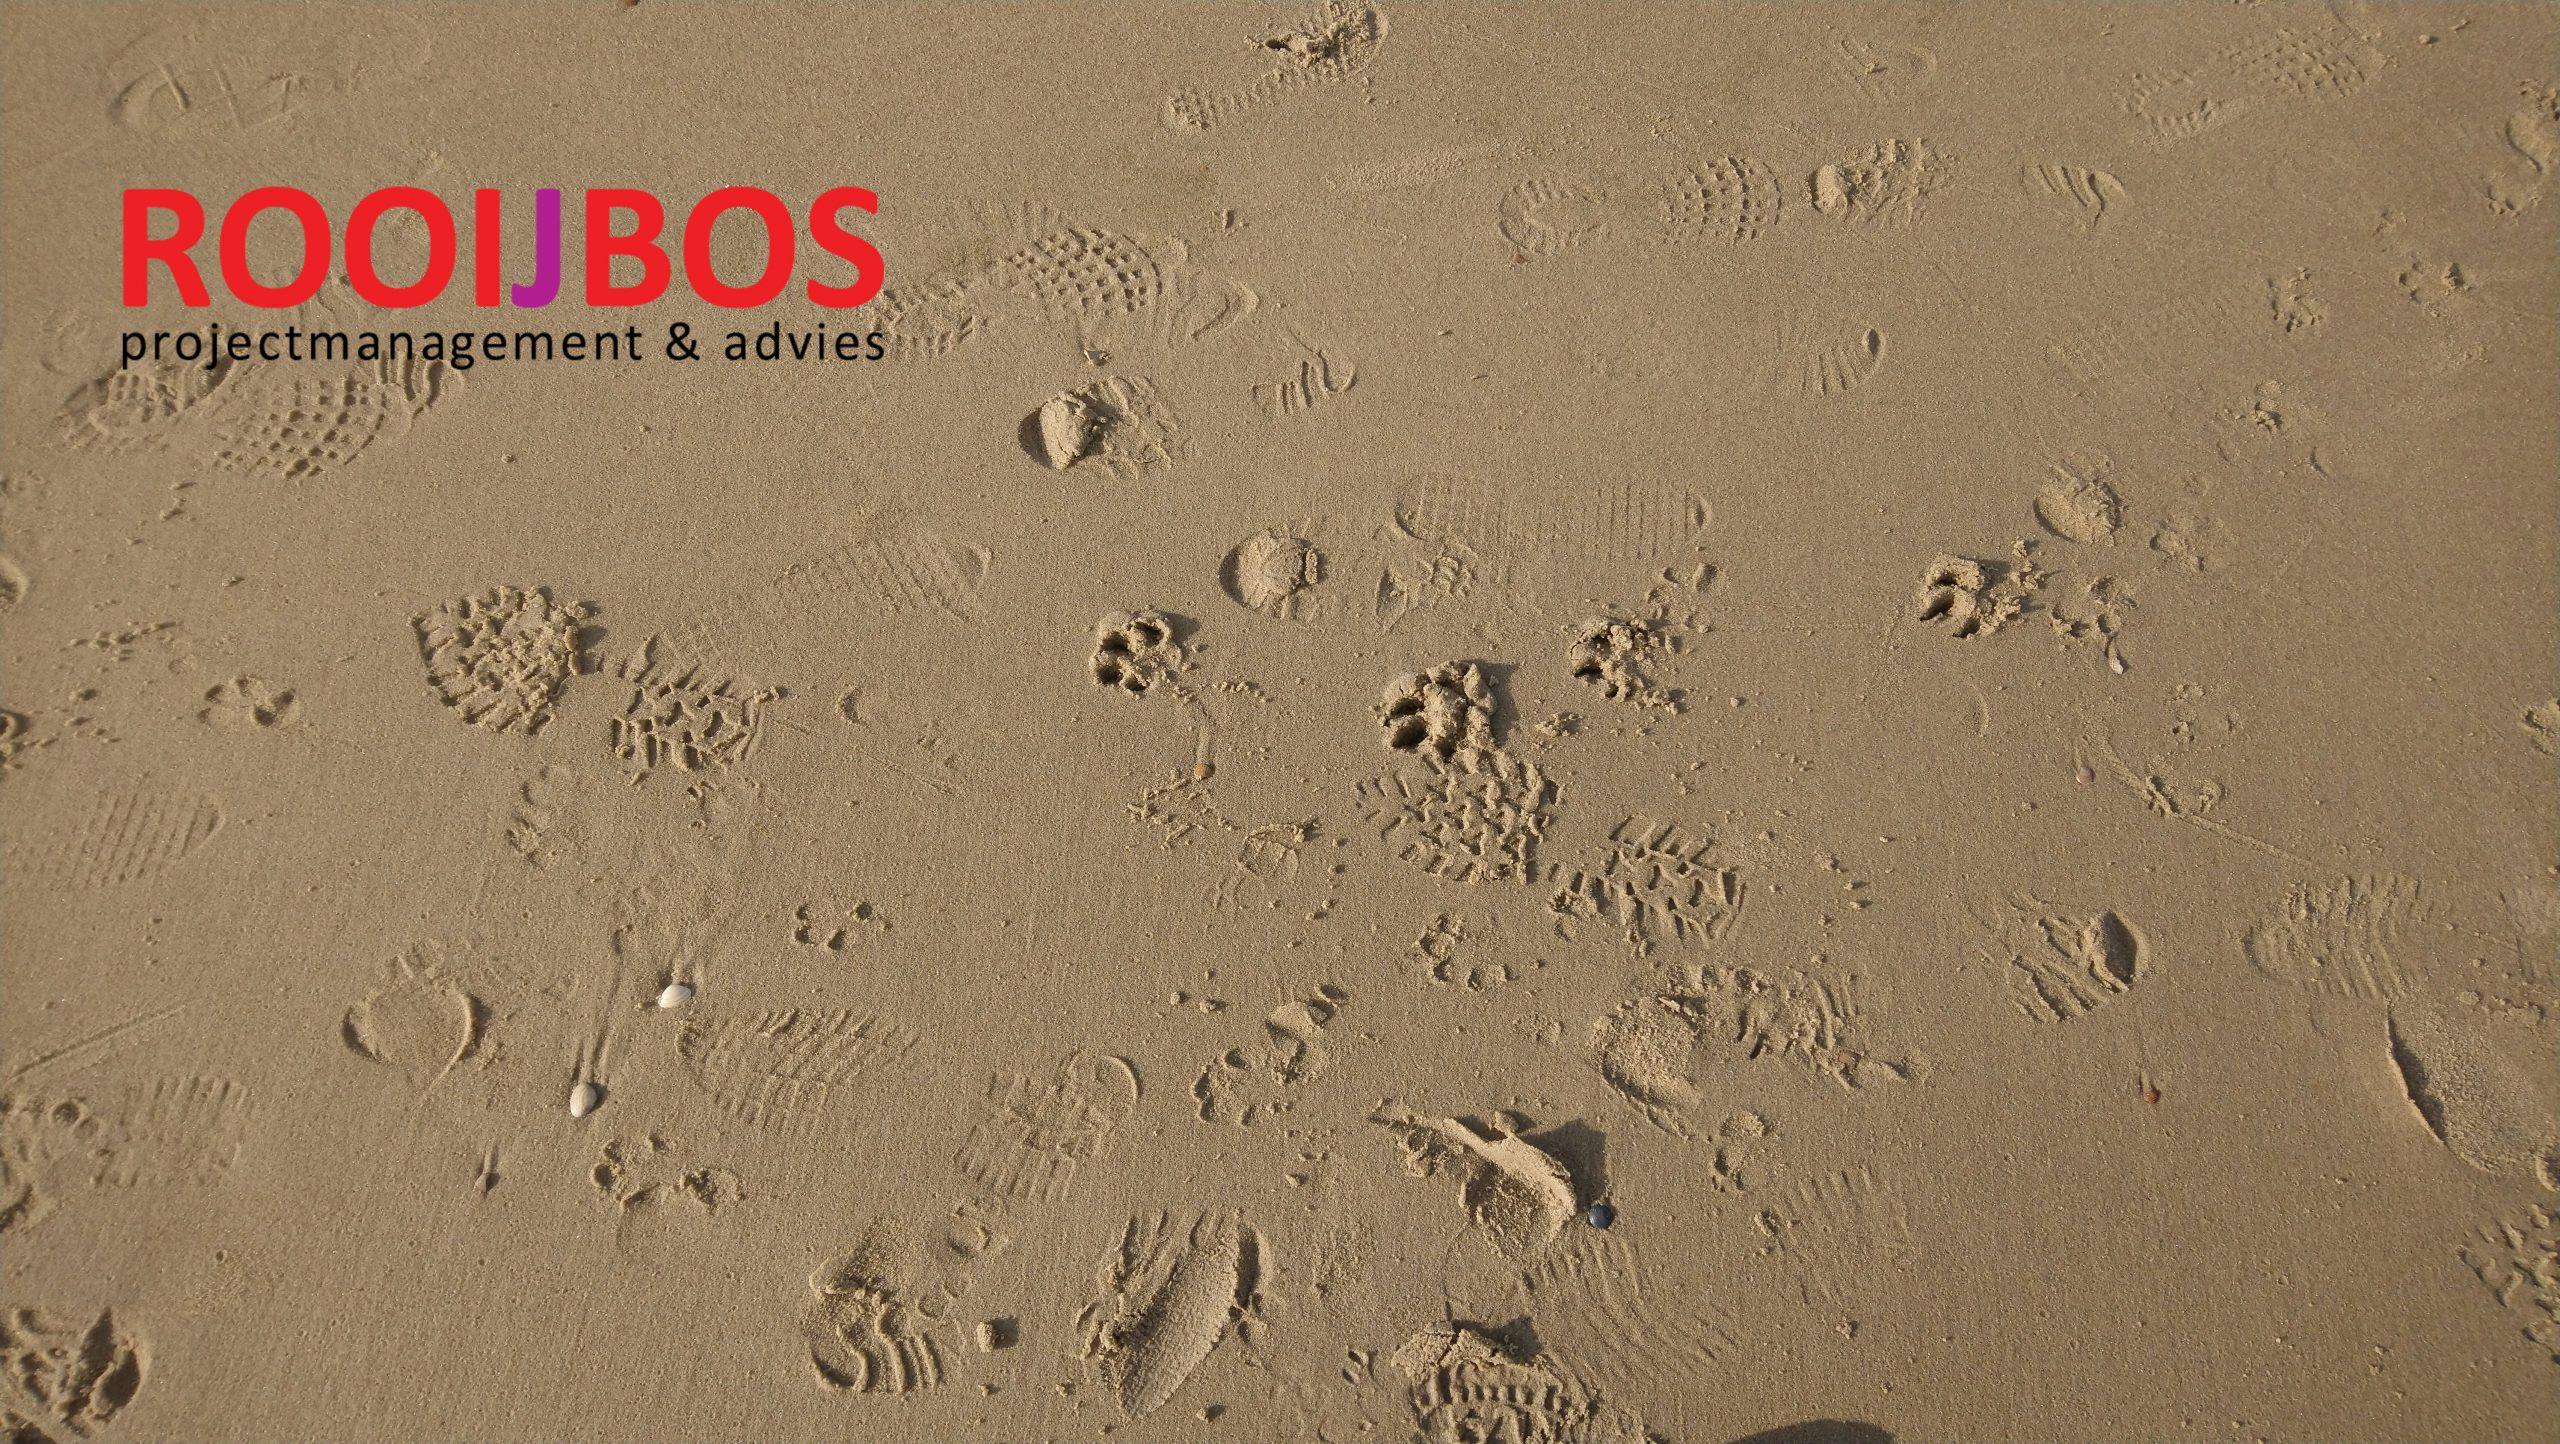 foto van zand met logo Rooijbos